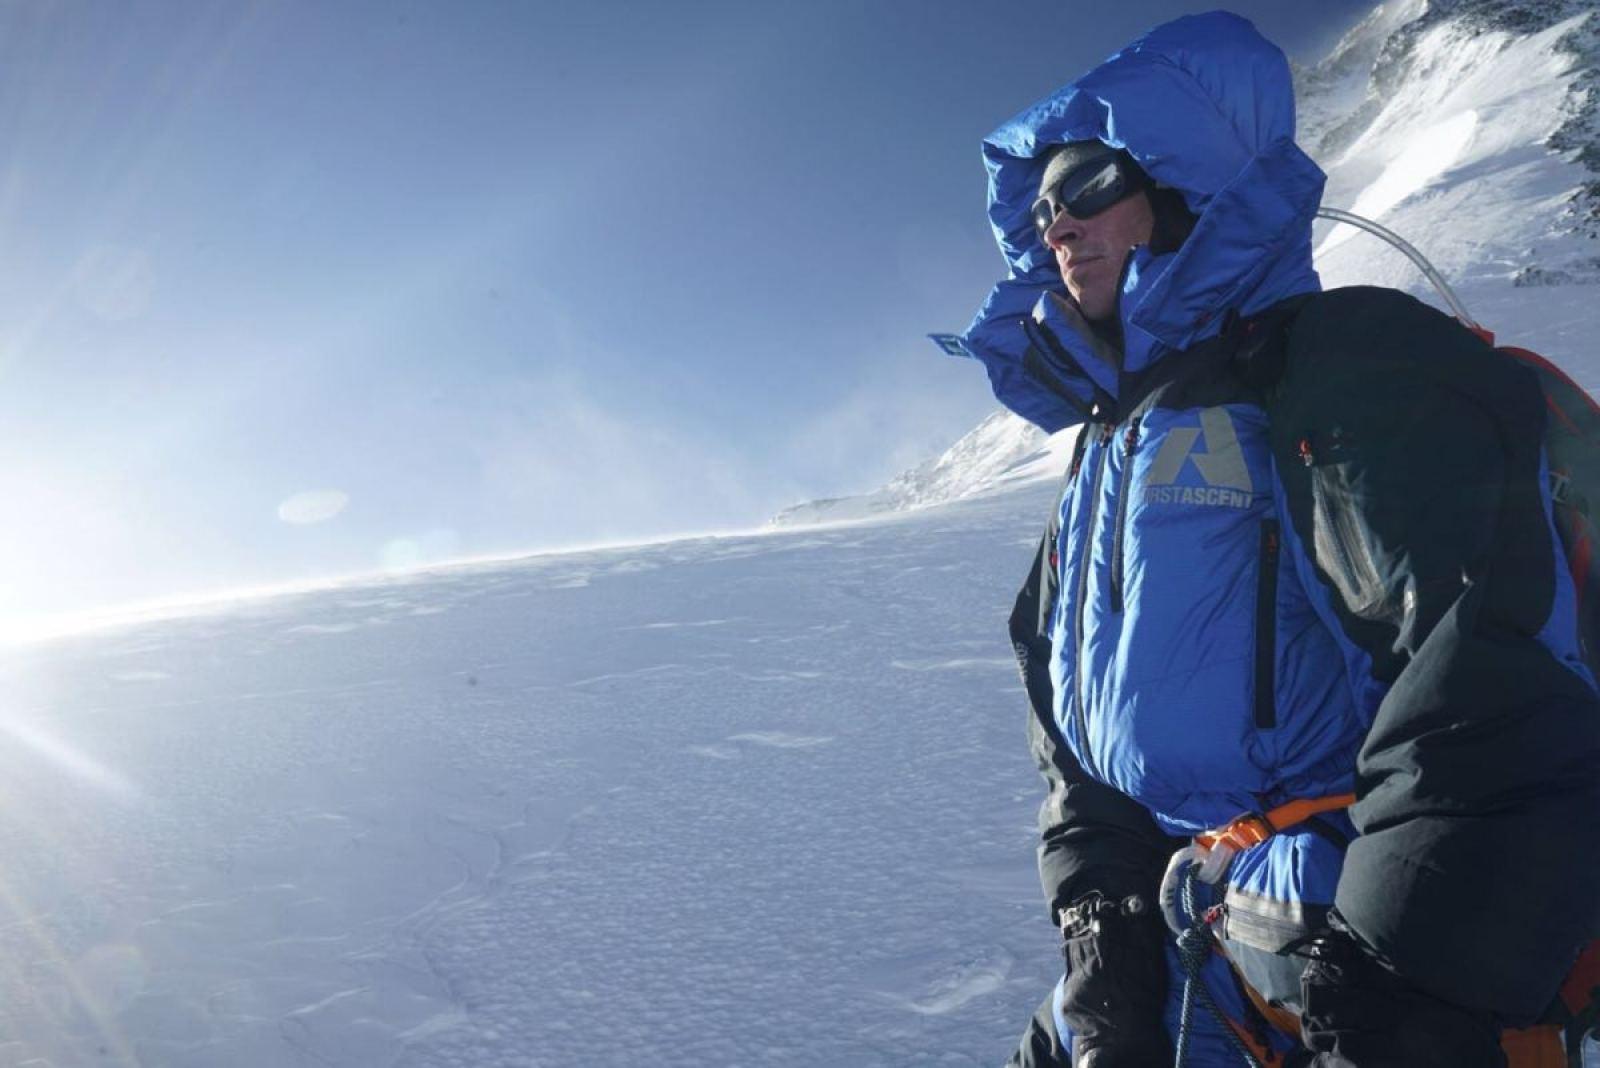 Adrian Ballinger Mount Everest